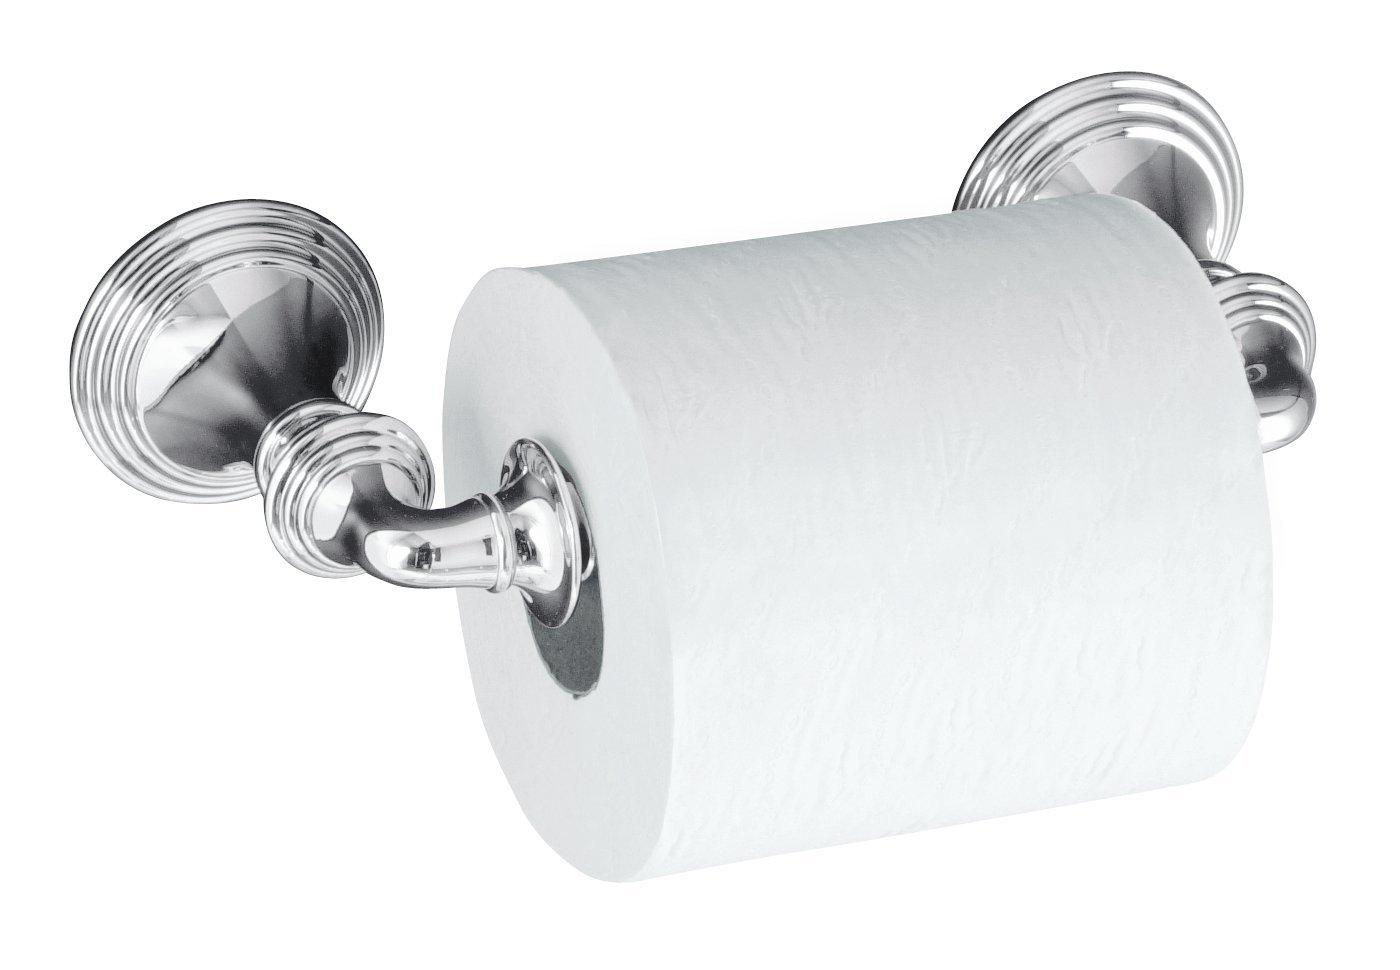 KOHLER K-10554-CP Devonshire Toilet Tissue Holder, Double Post, Polished Chrome